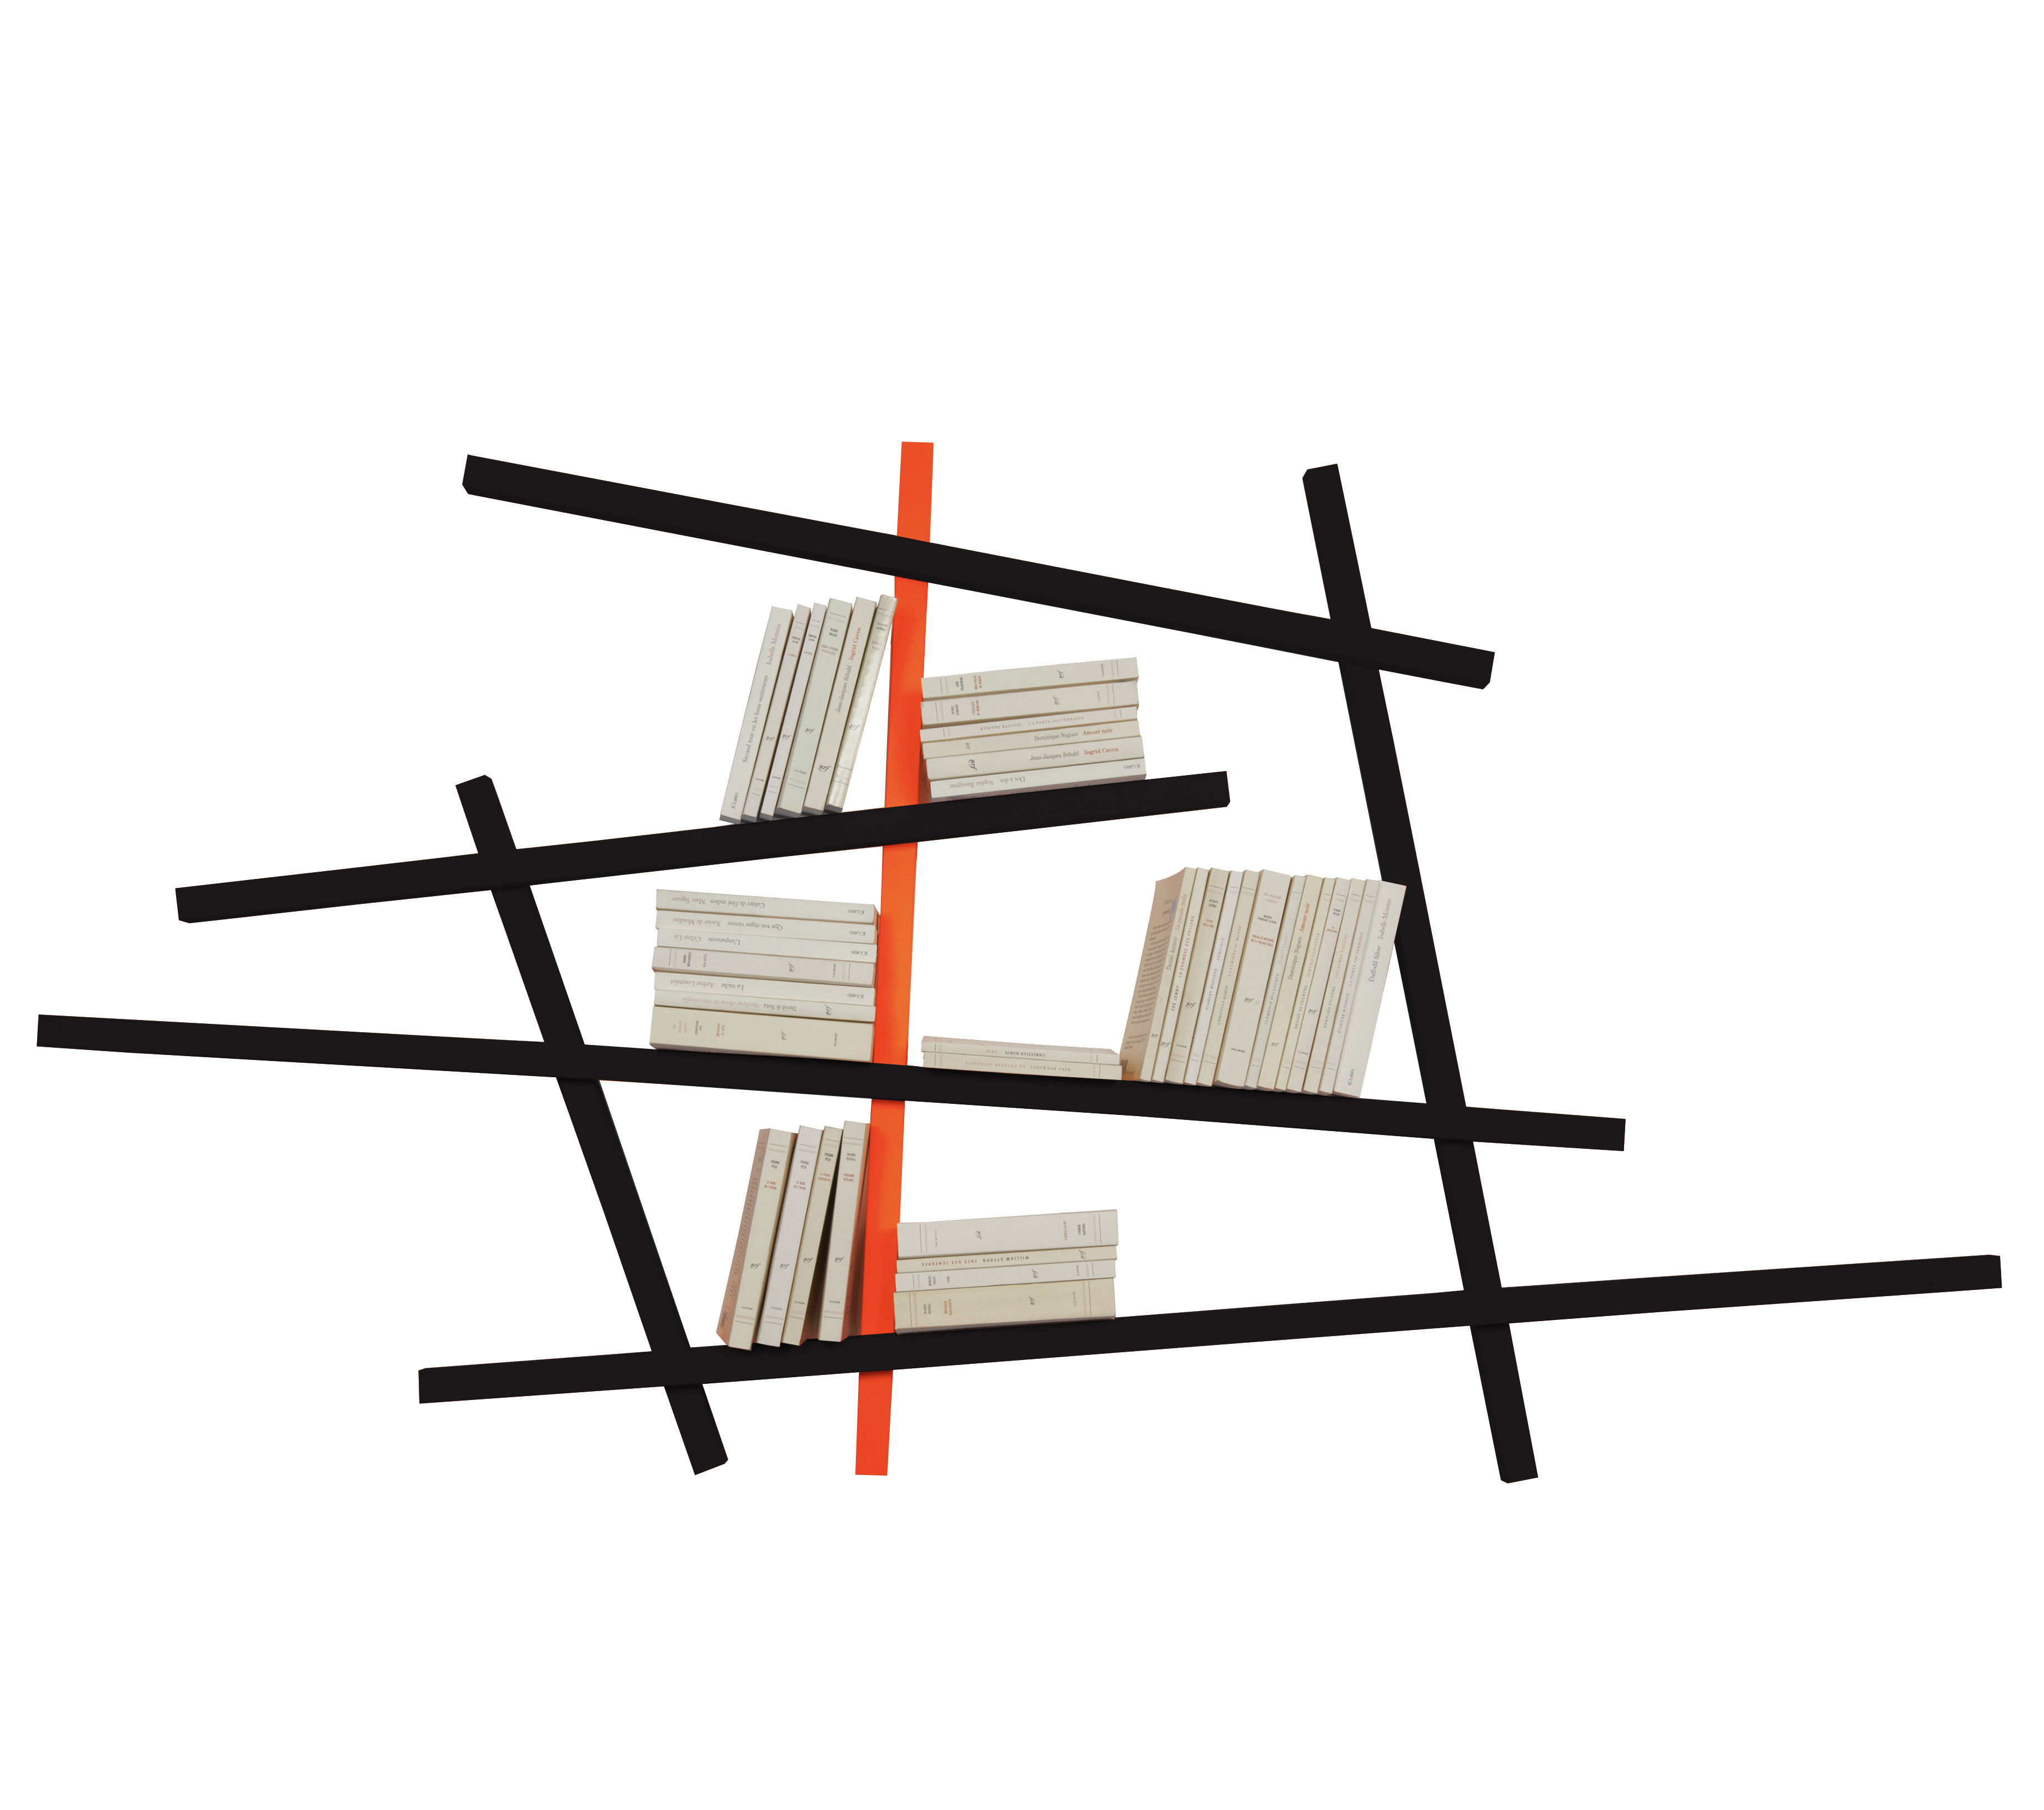 Mobilier - Etagères & bibliothèques - Bibliothèque Mikado Small / L 185 x H 100 cm - Coloris exclusif - Compagnie - Noir & orange - Chêne massif